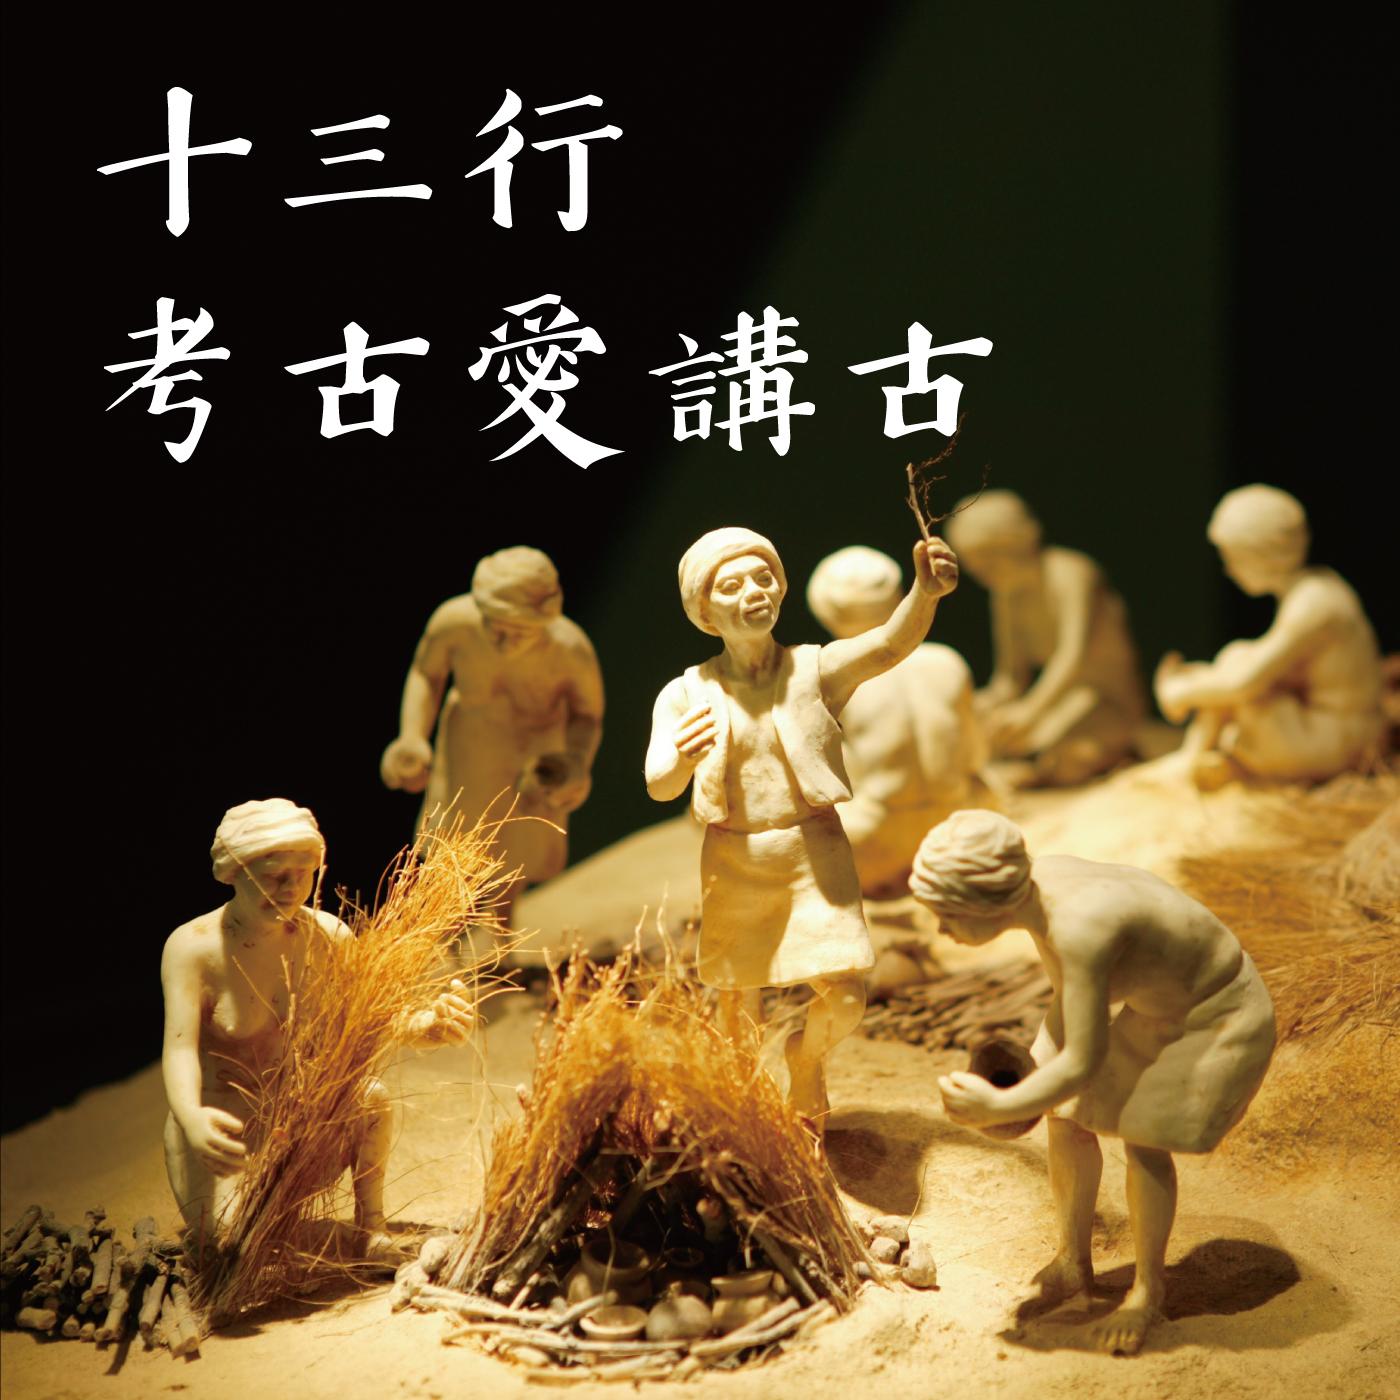 台語嘛會通 十三行Podcast「考古愛講古」溫馨上線